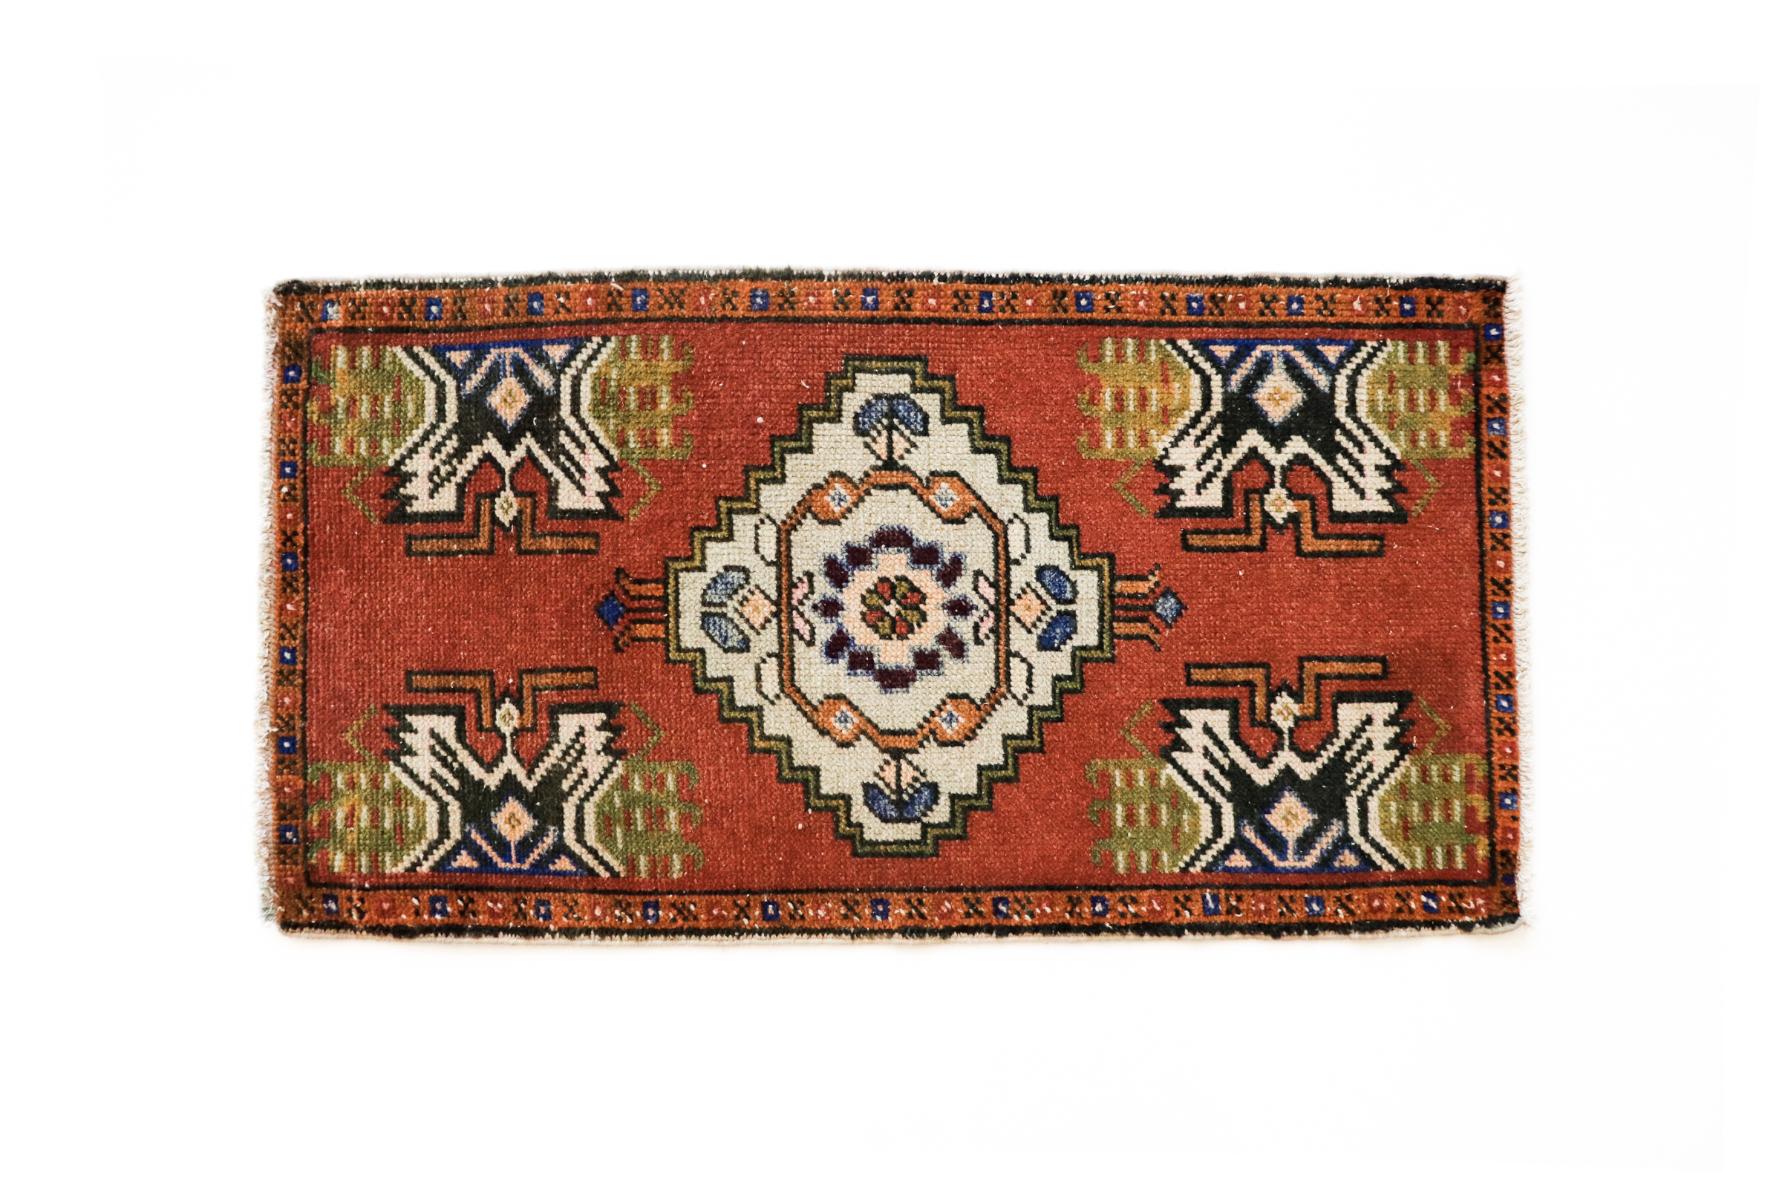 Handmade Vintage Turkish Kilim Rug - Red and Orange